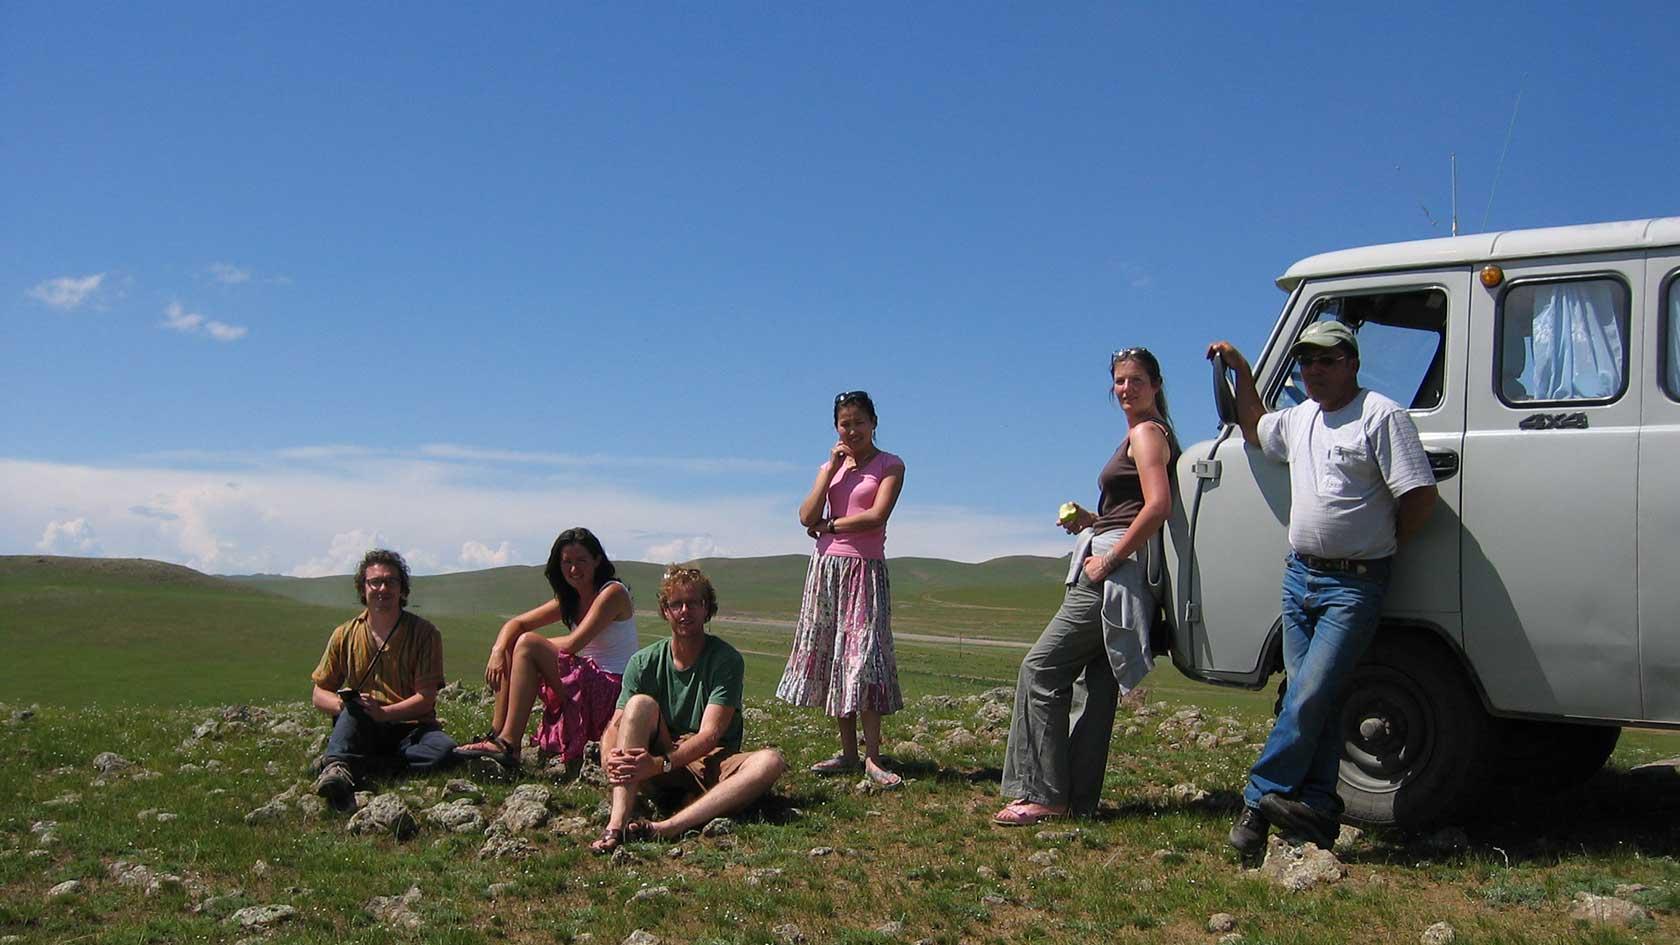 MONGOLIAN EPIC JOURNEY